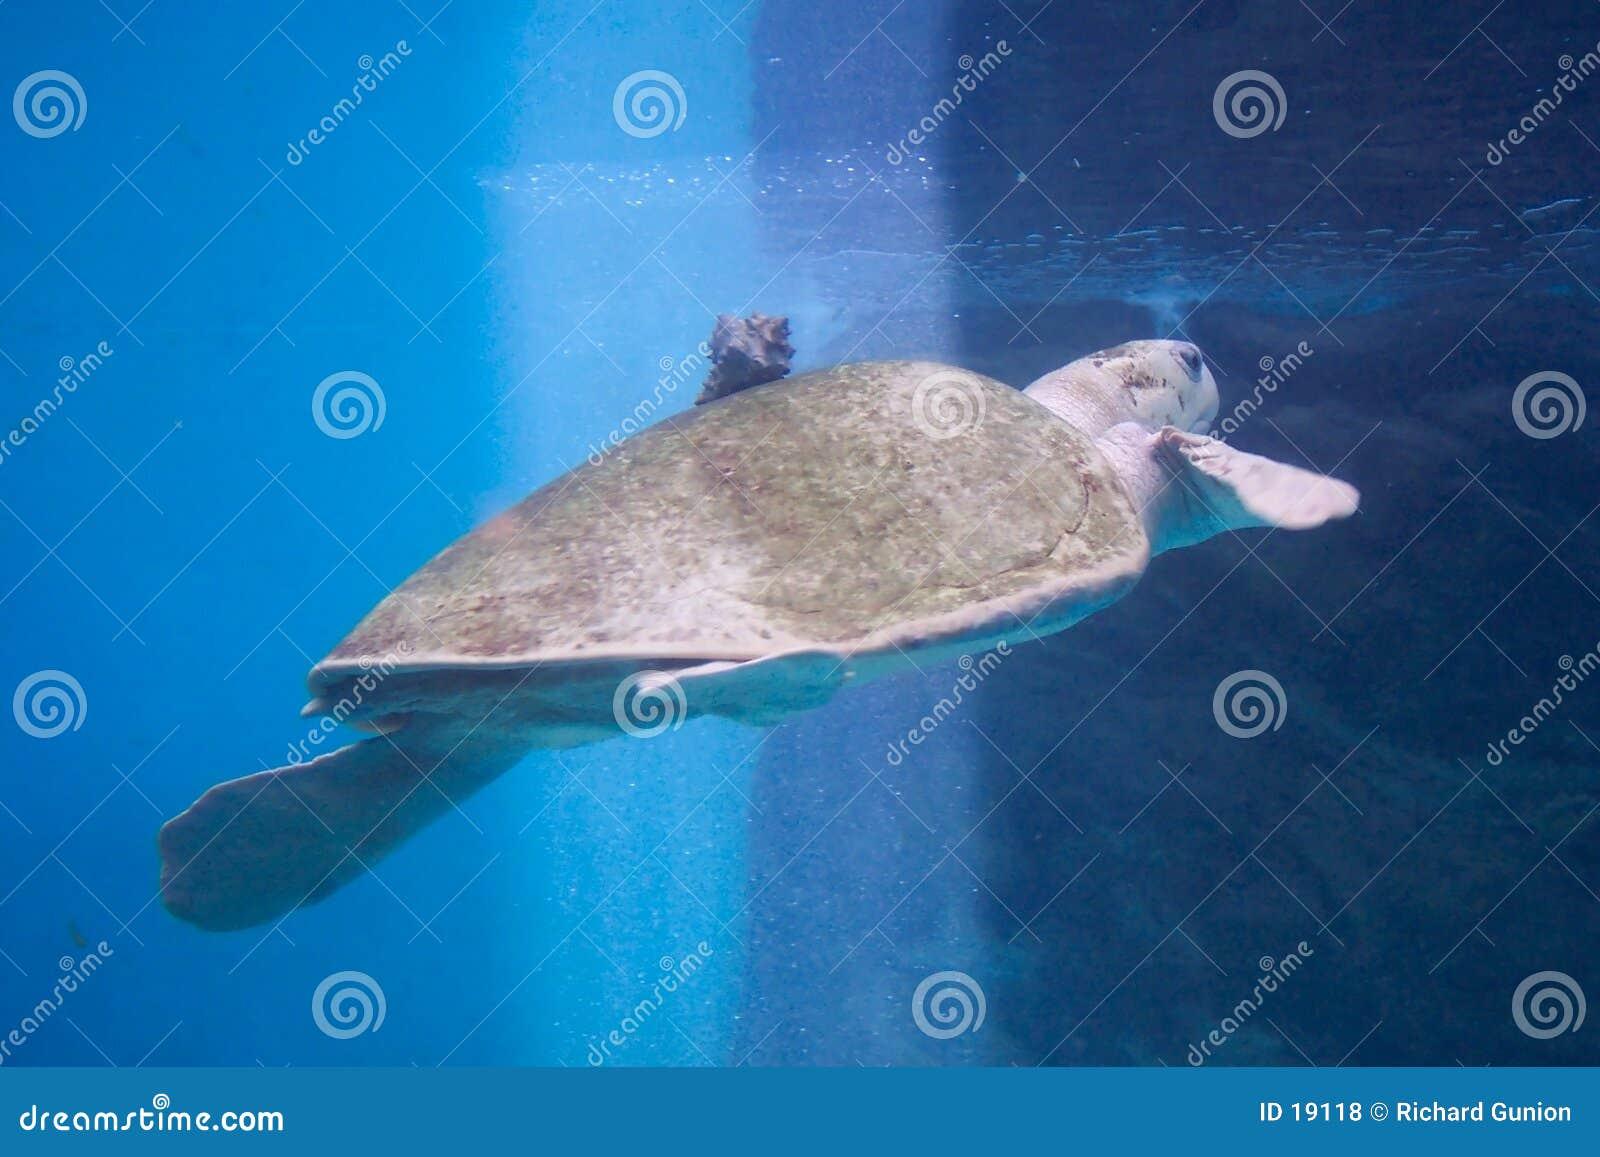 Sea Turtle-Huatulco Mexico